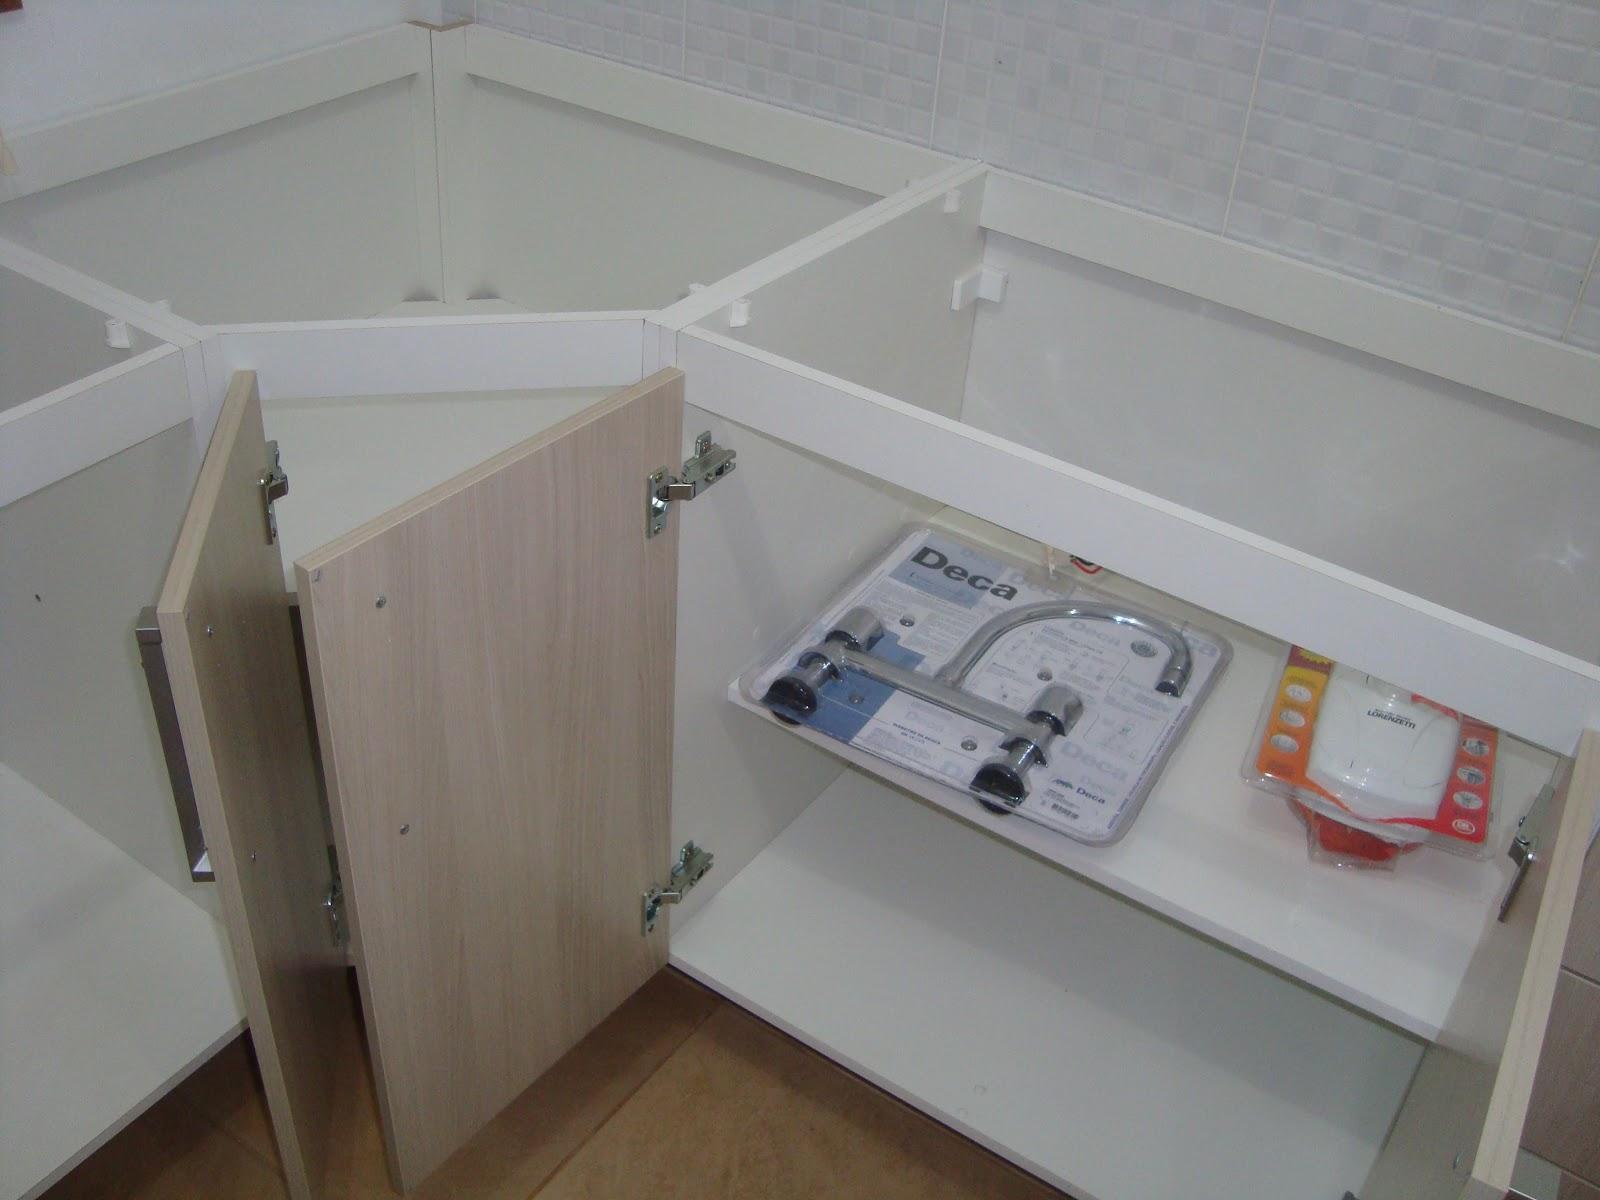 Armario De Cozinha Pequeno Ricardo Eletro ~ Construç u00e3o de um Lar N u00e3o direi que será um recomeço!